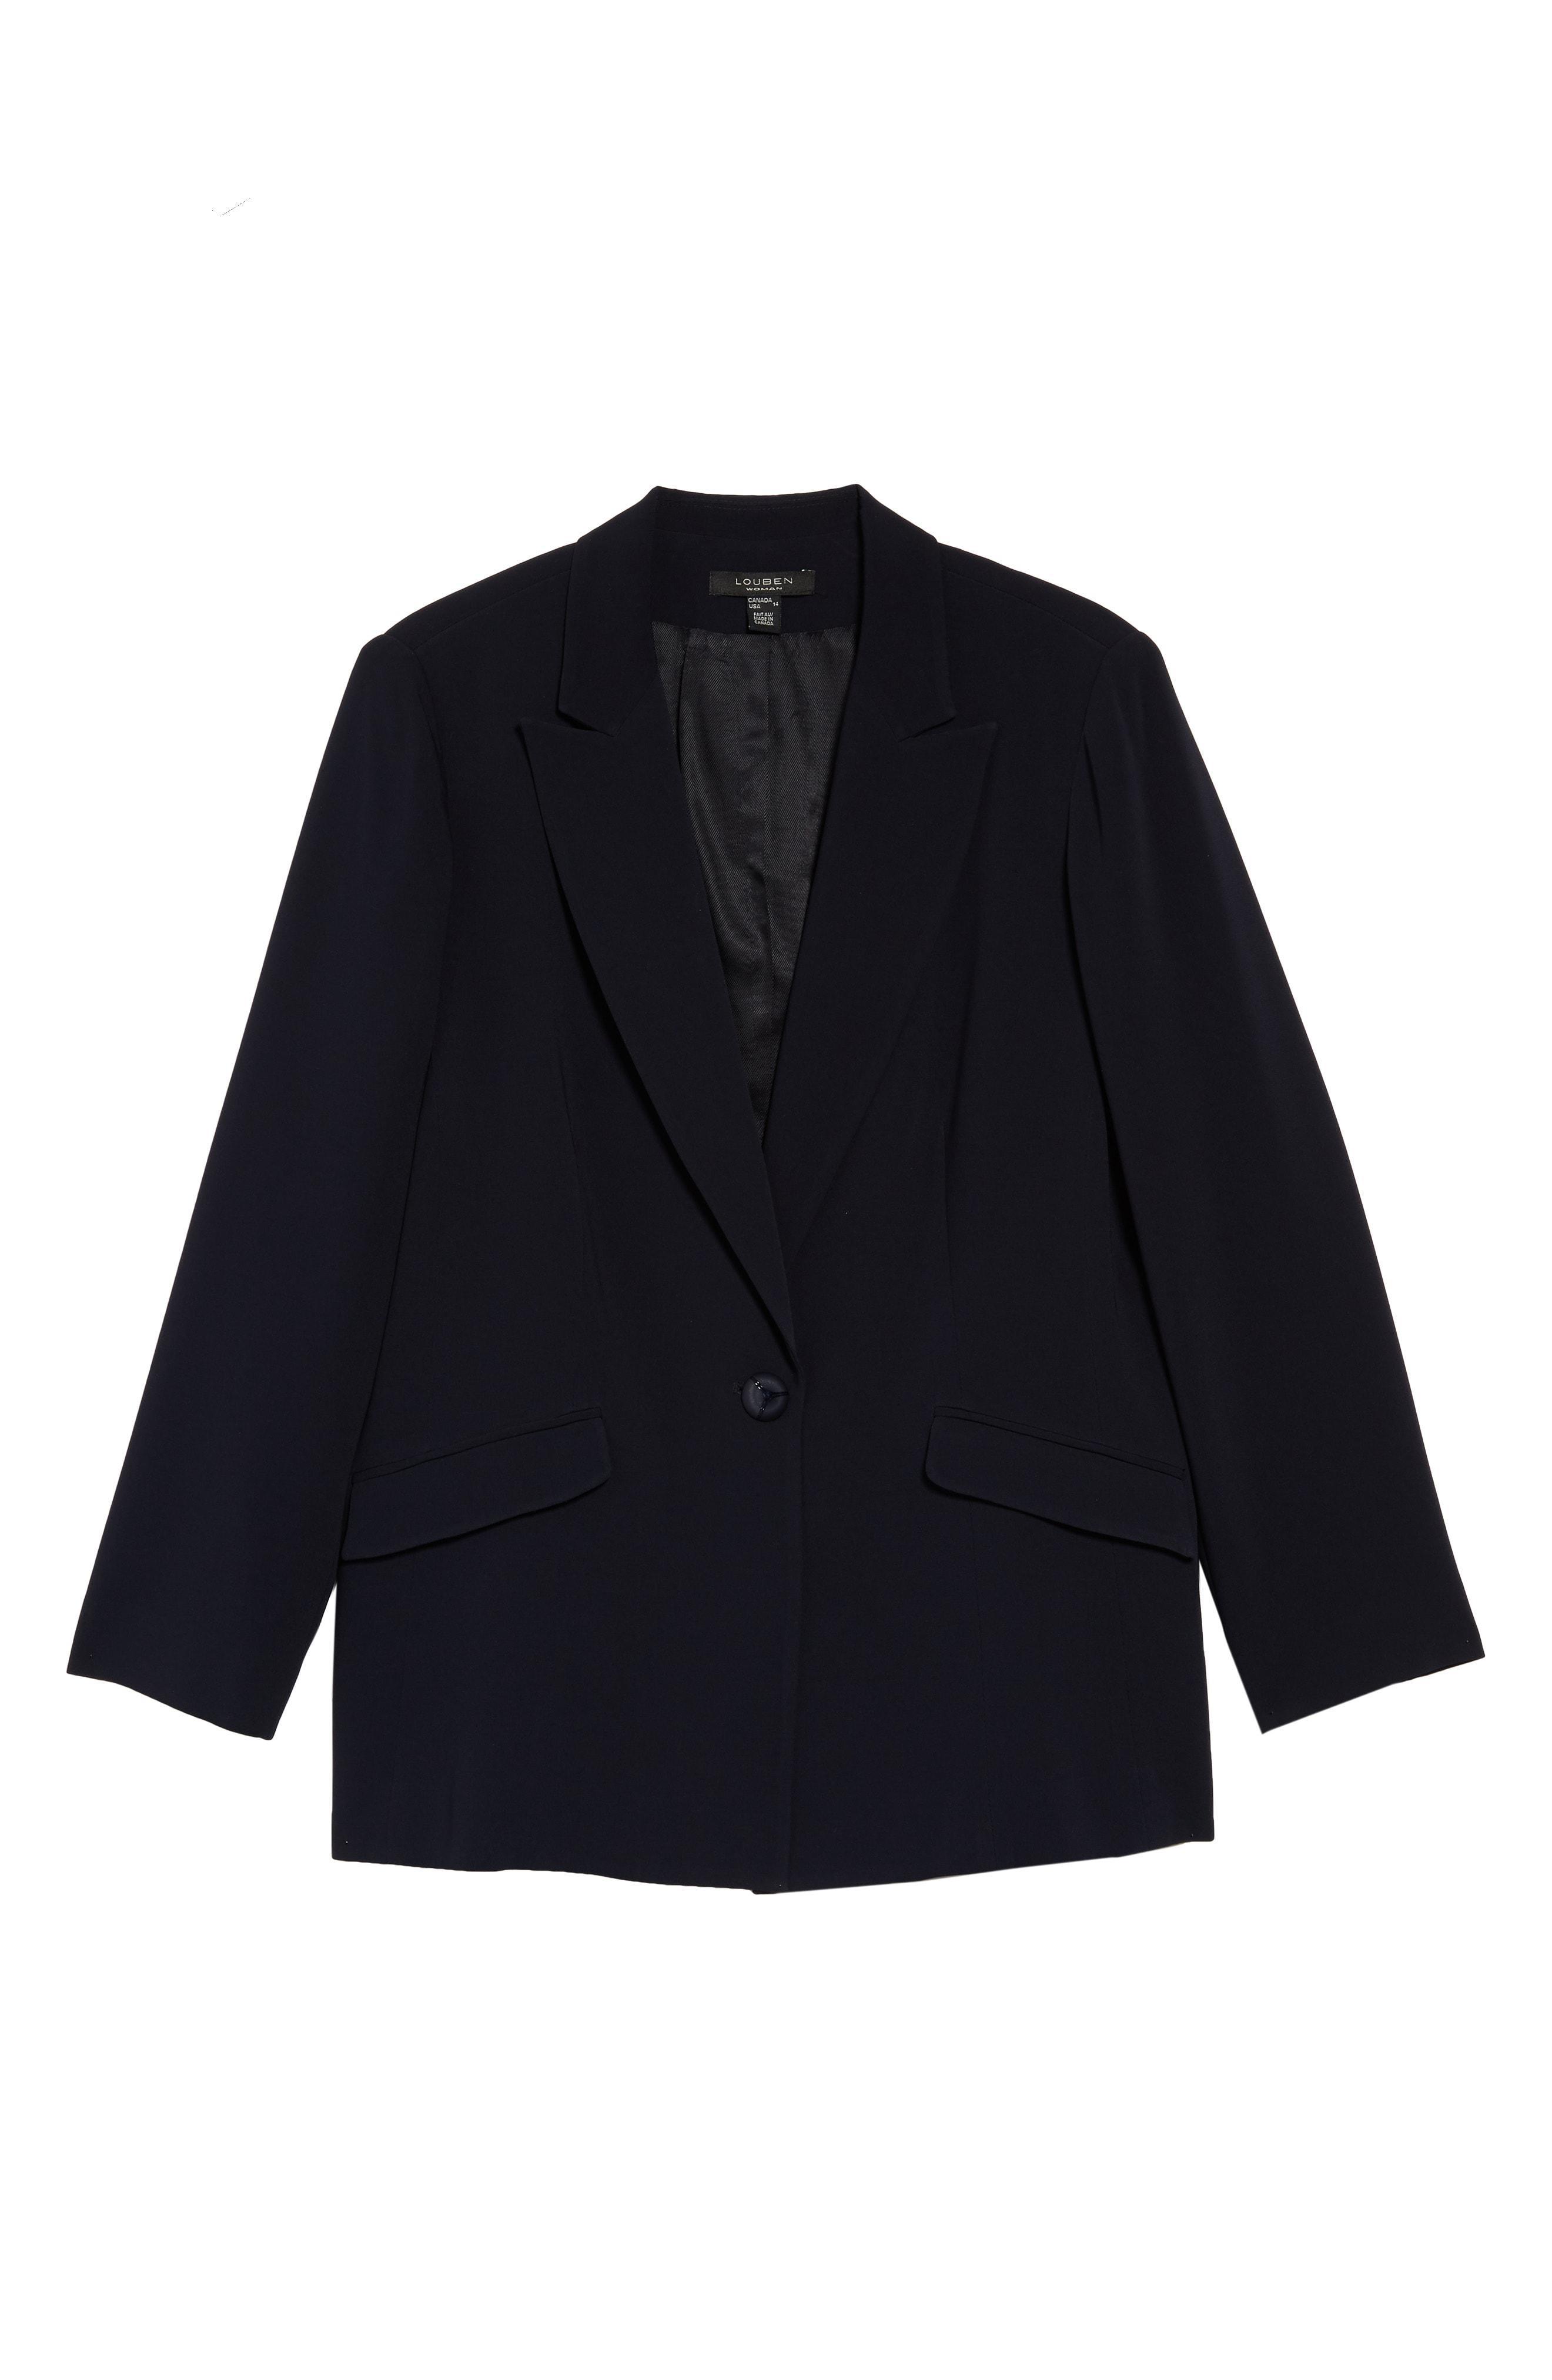 4a6bb4d9b88 Louben - Black Peak Lapel Suit Jacket - Lyst. View fullscreen